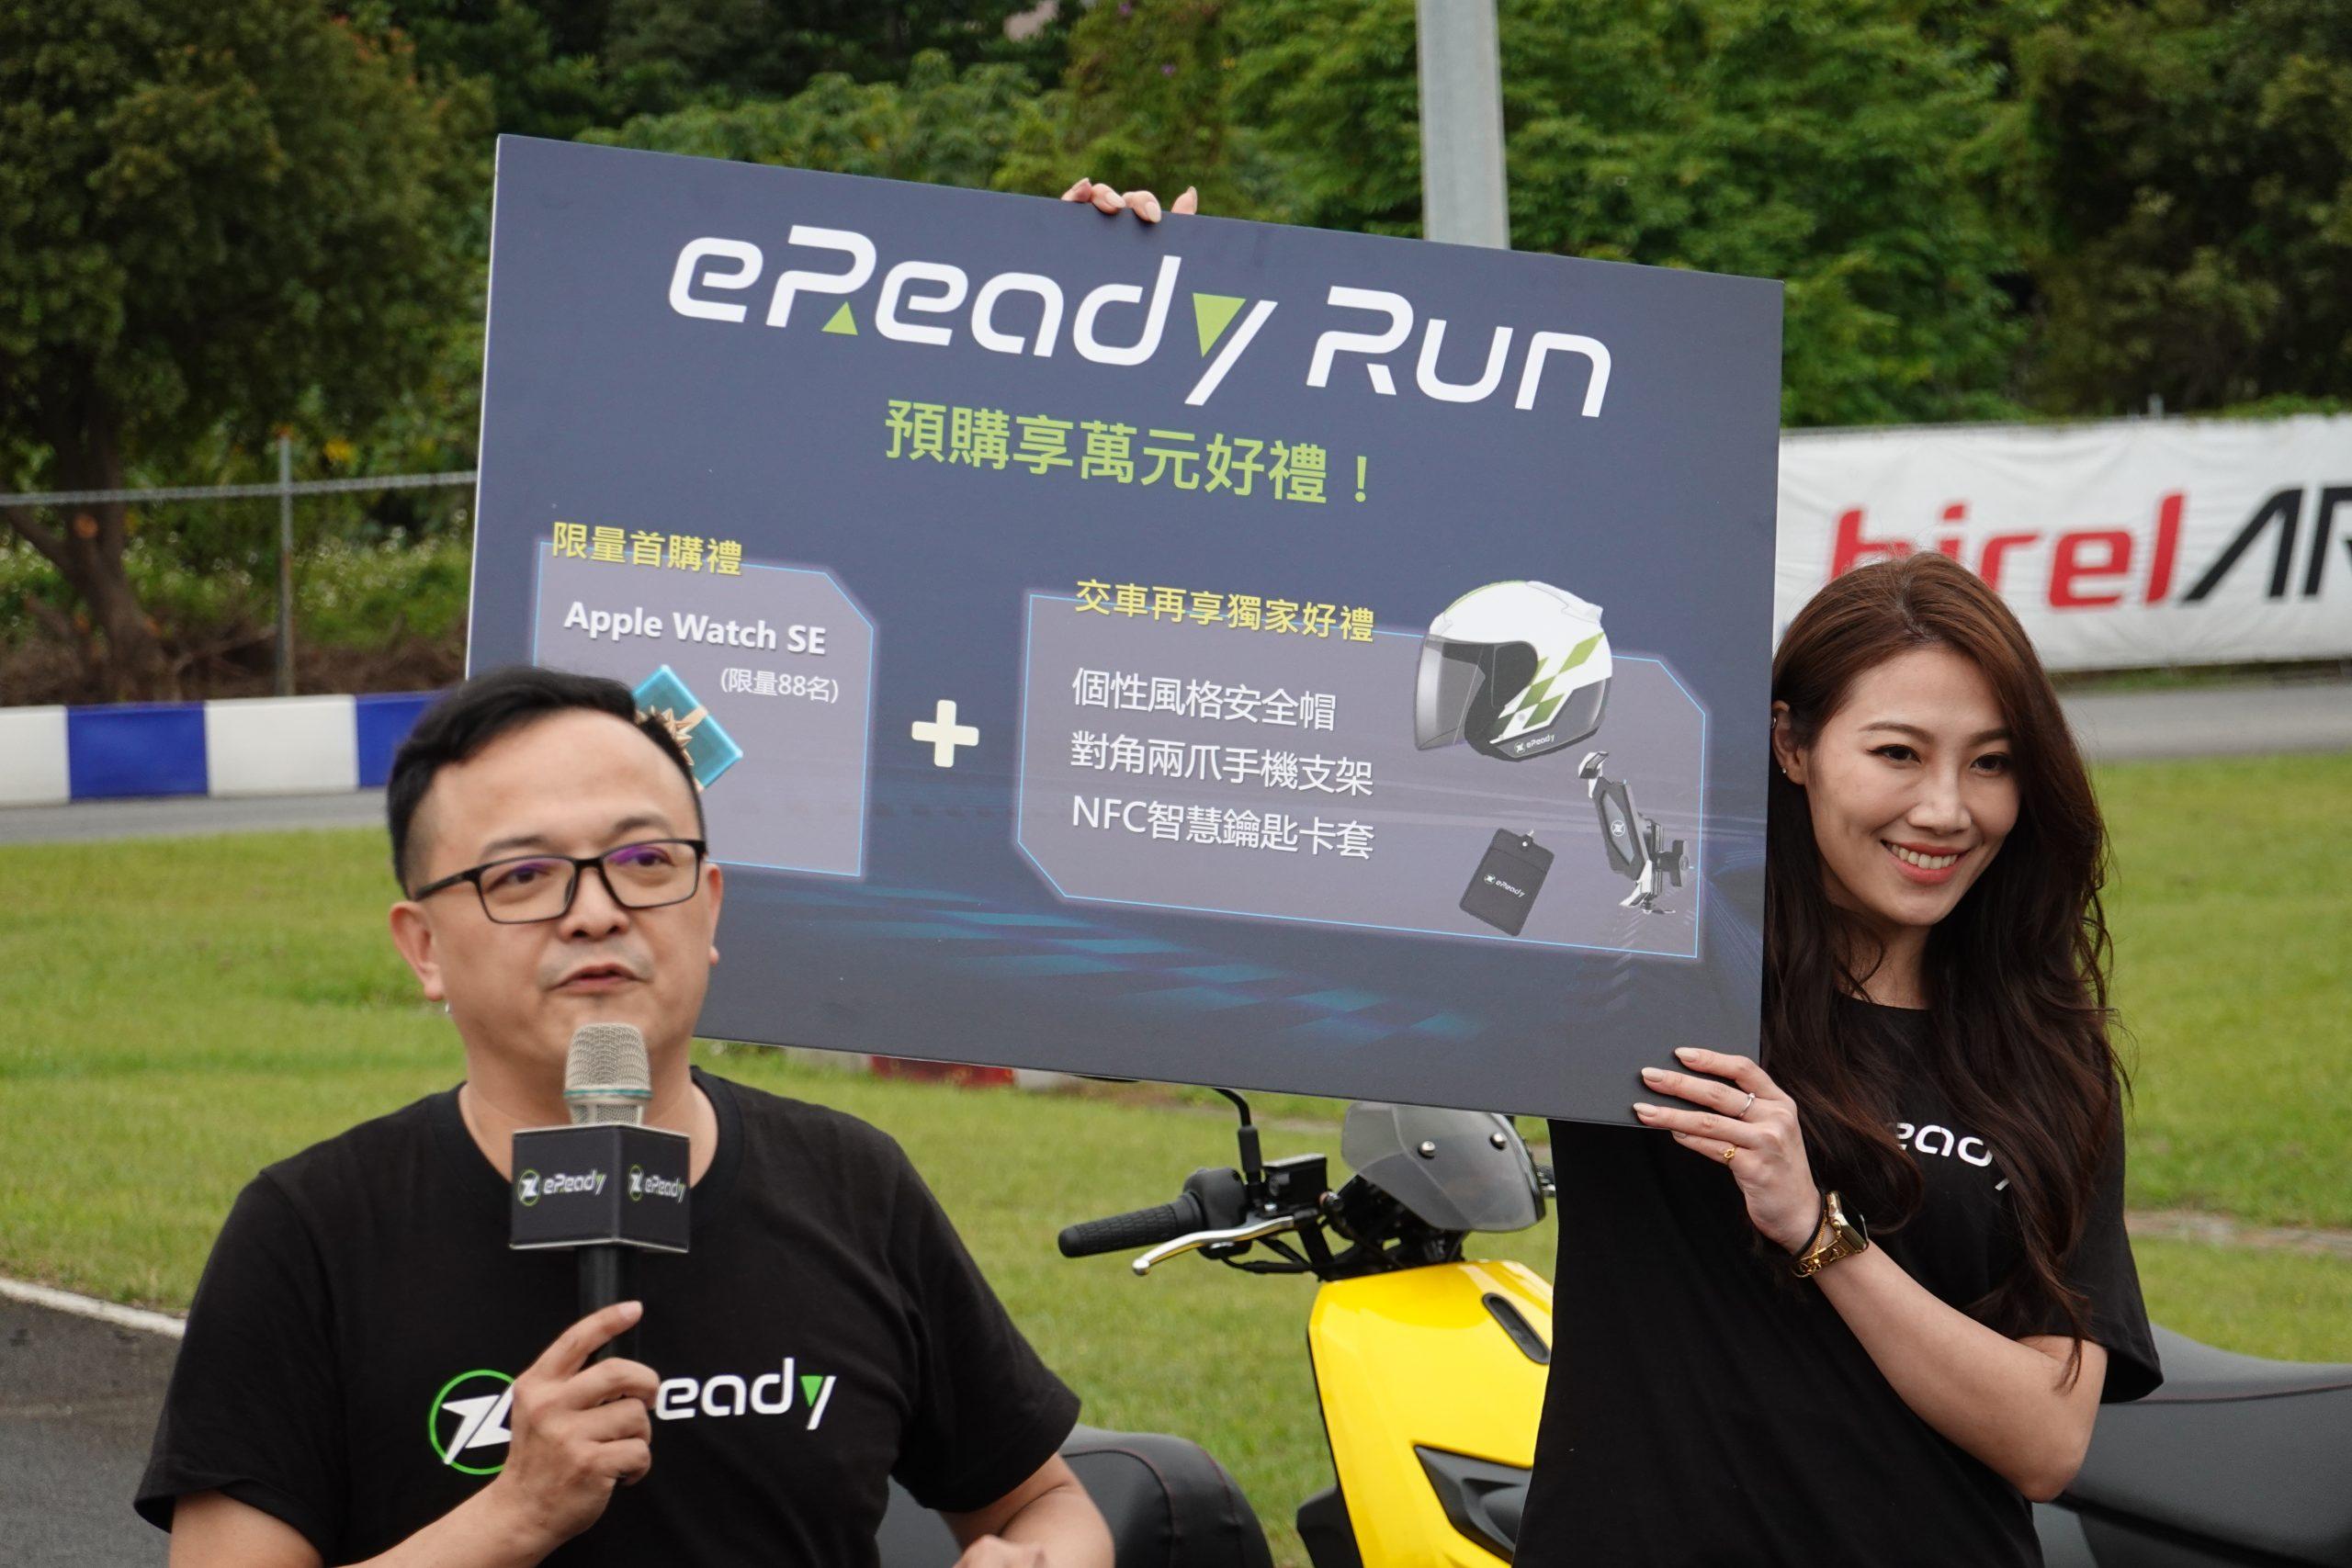 台鈴工業 eReady Run